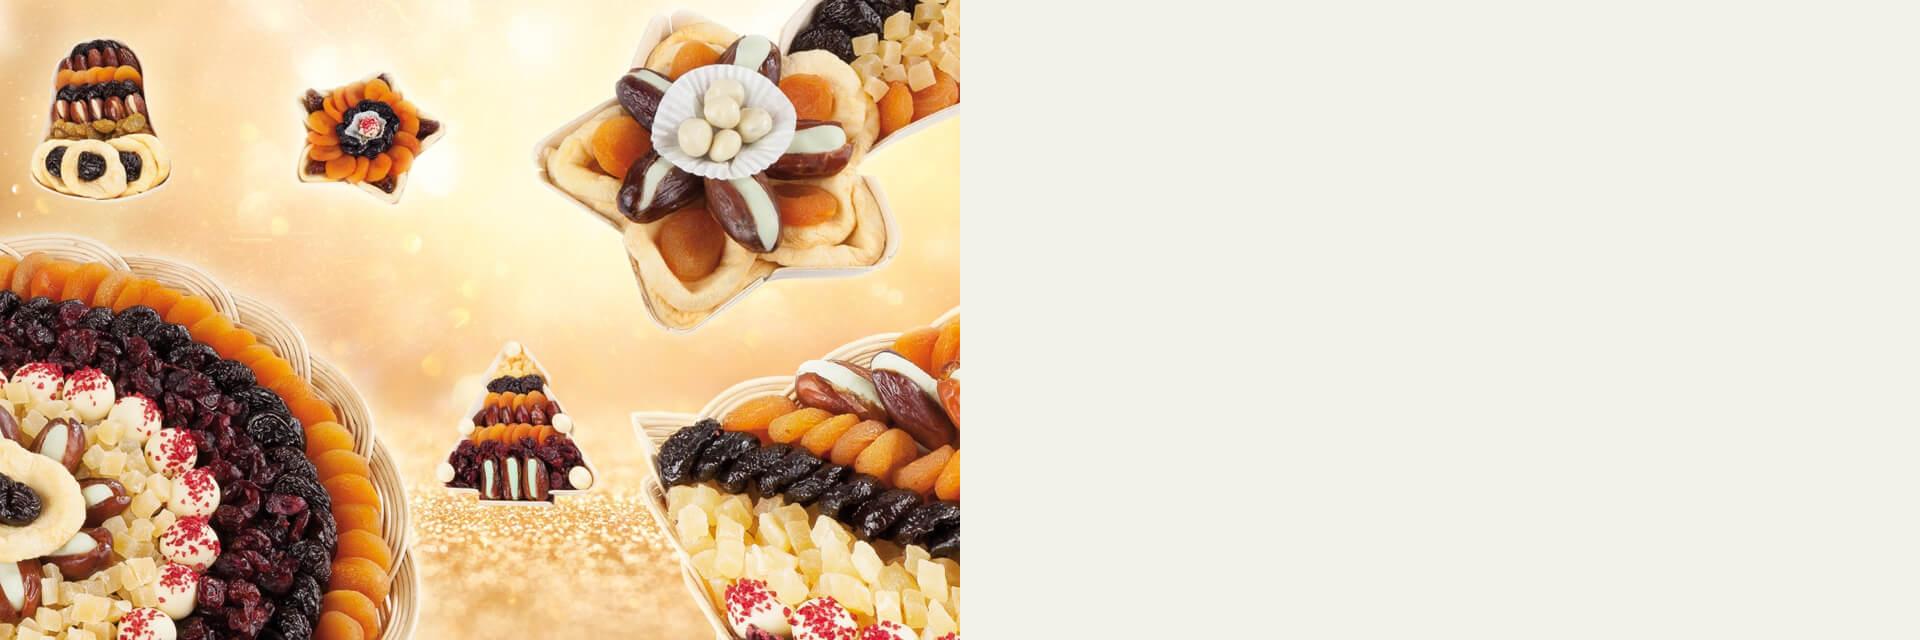 Zdravější mlsání a mlsání na vánoce - sušené ovoce, ořechy, čokoláda a marcipán | FruTree